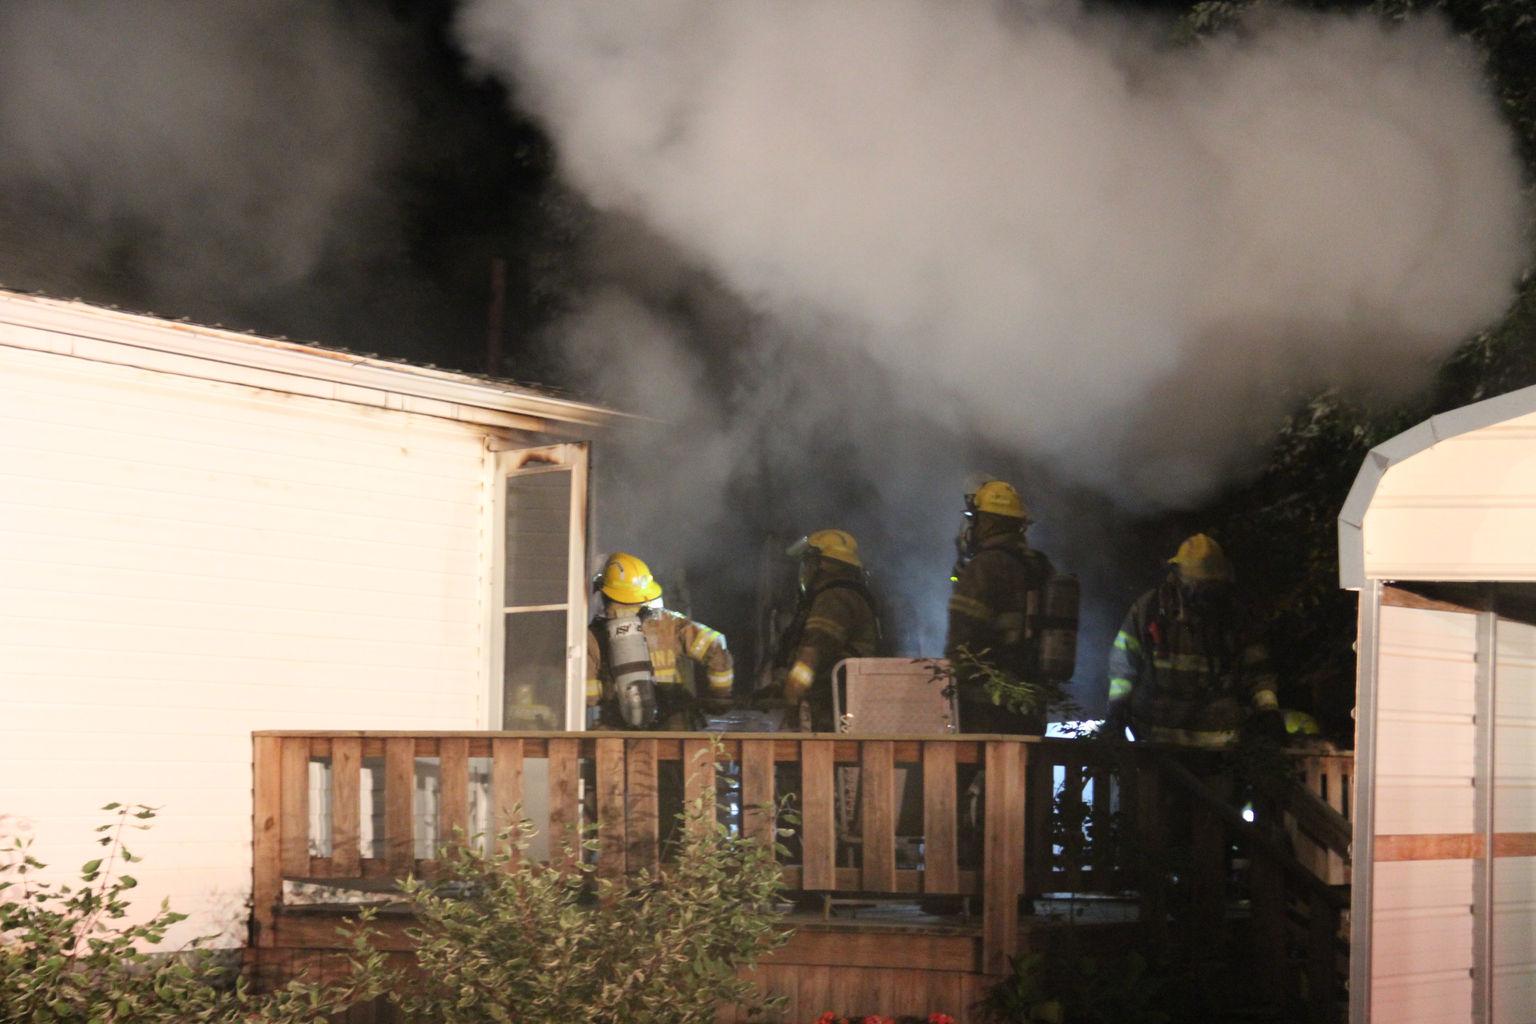 housefire 81714 015.JPG